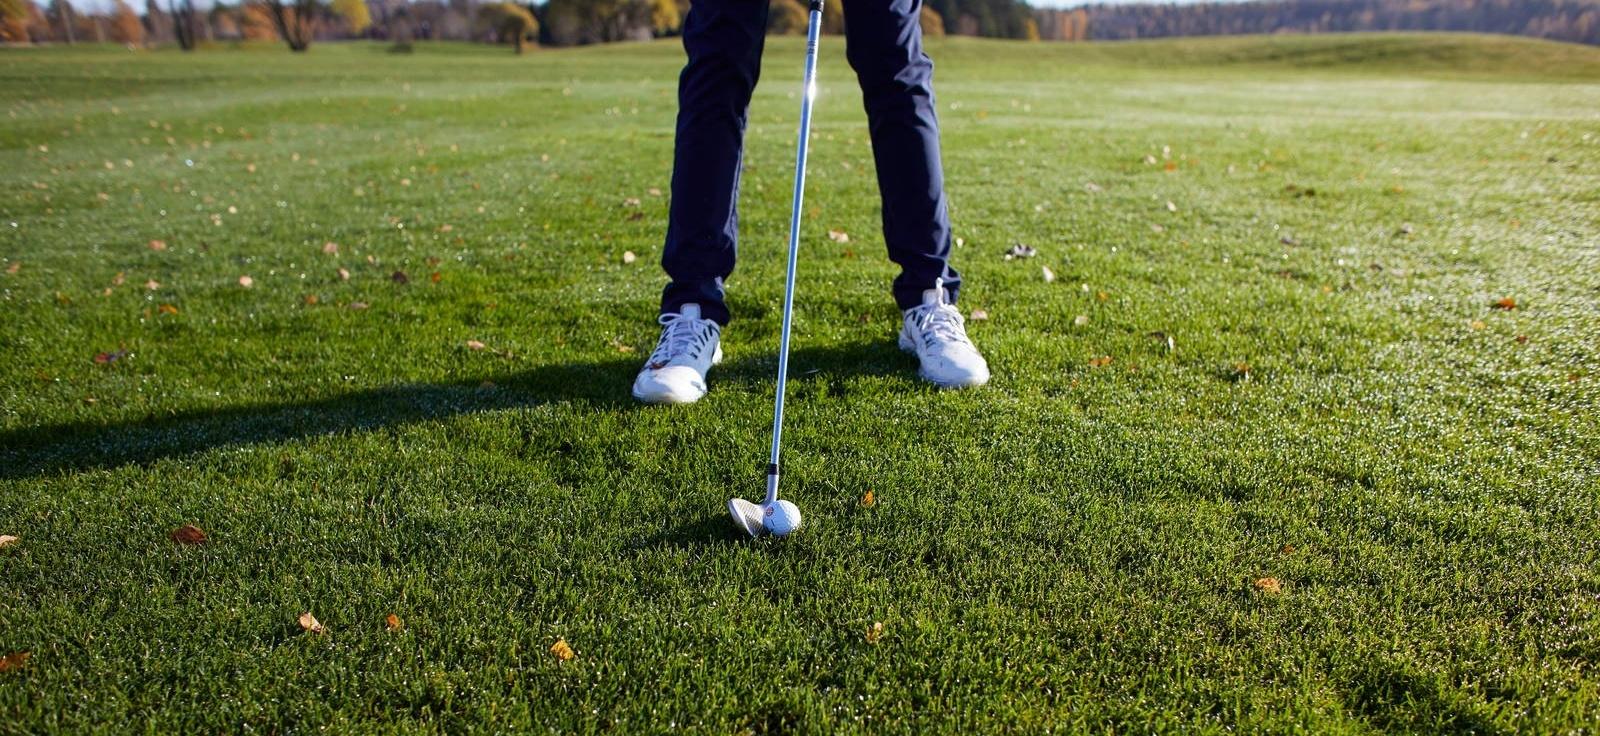 OP_yleiskuva_3817_golf5-634178-edited